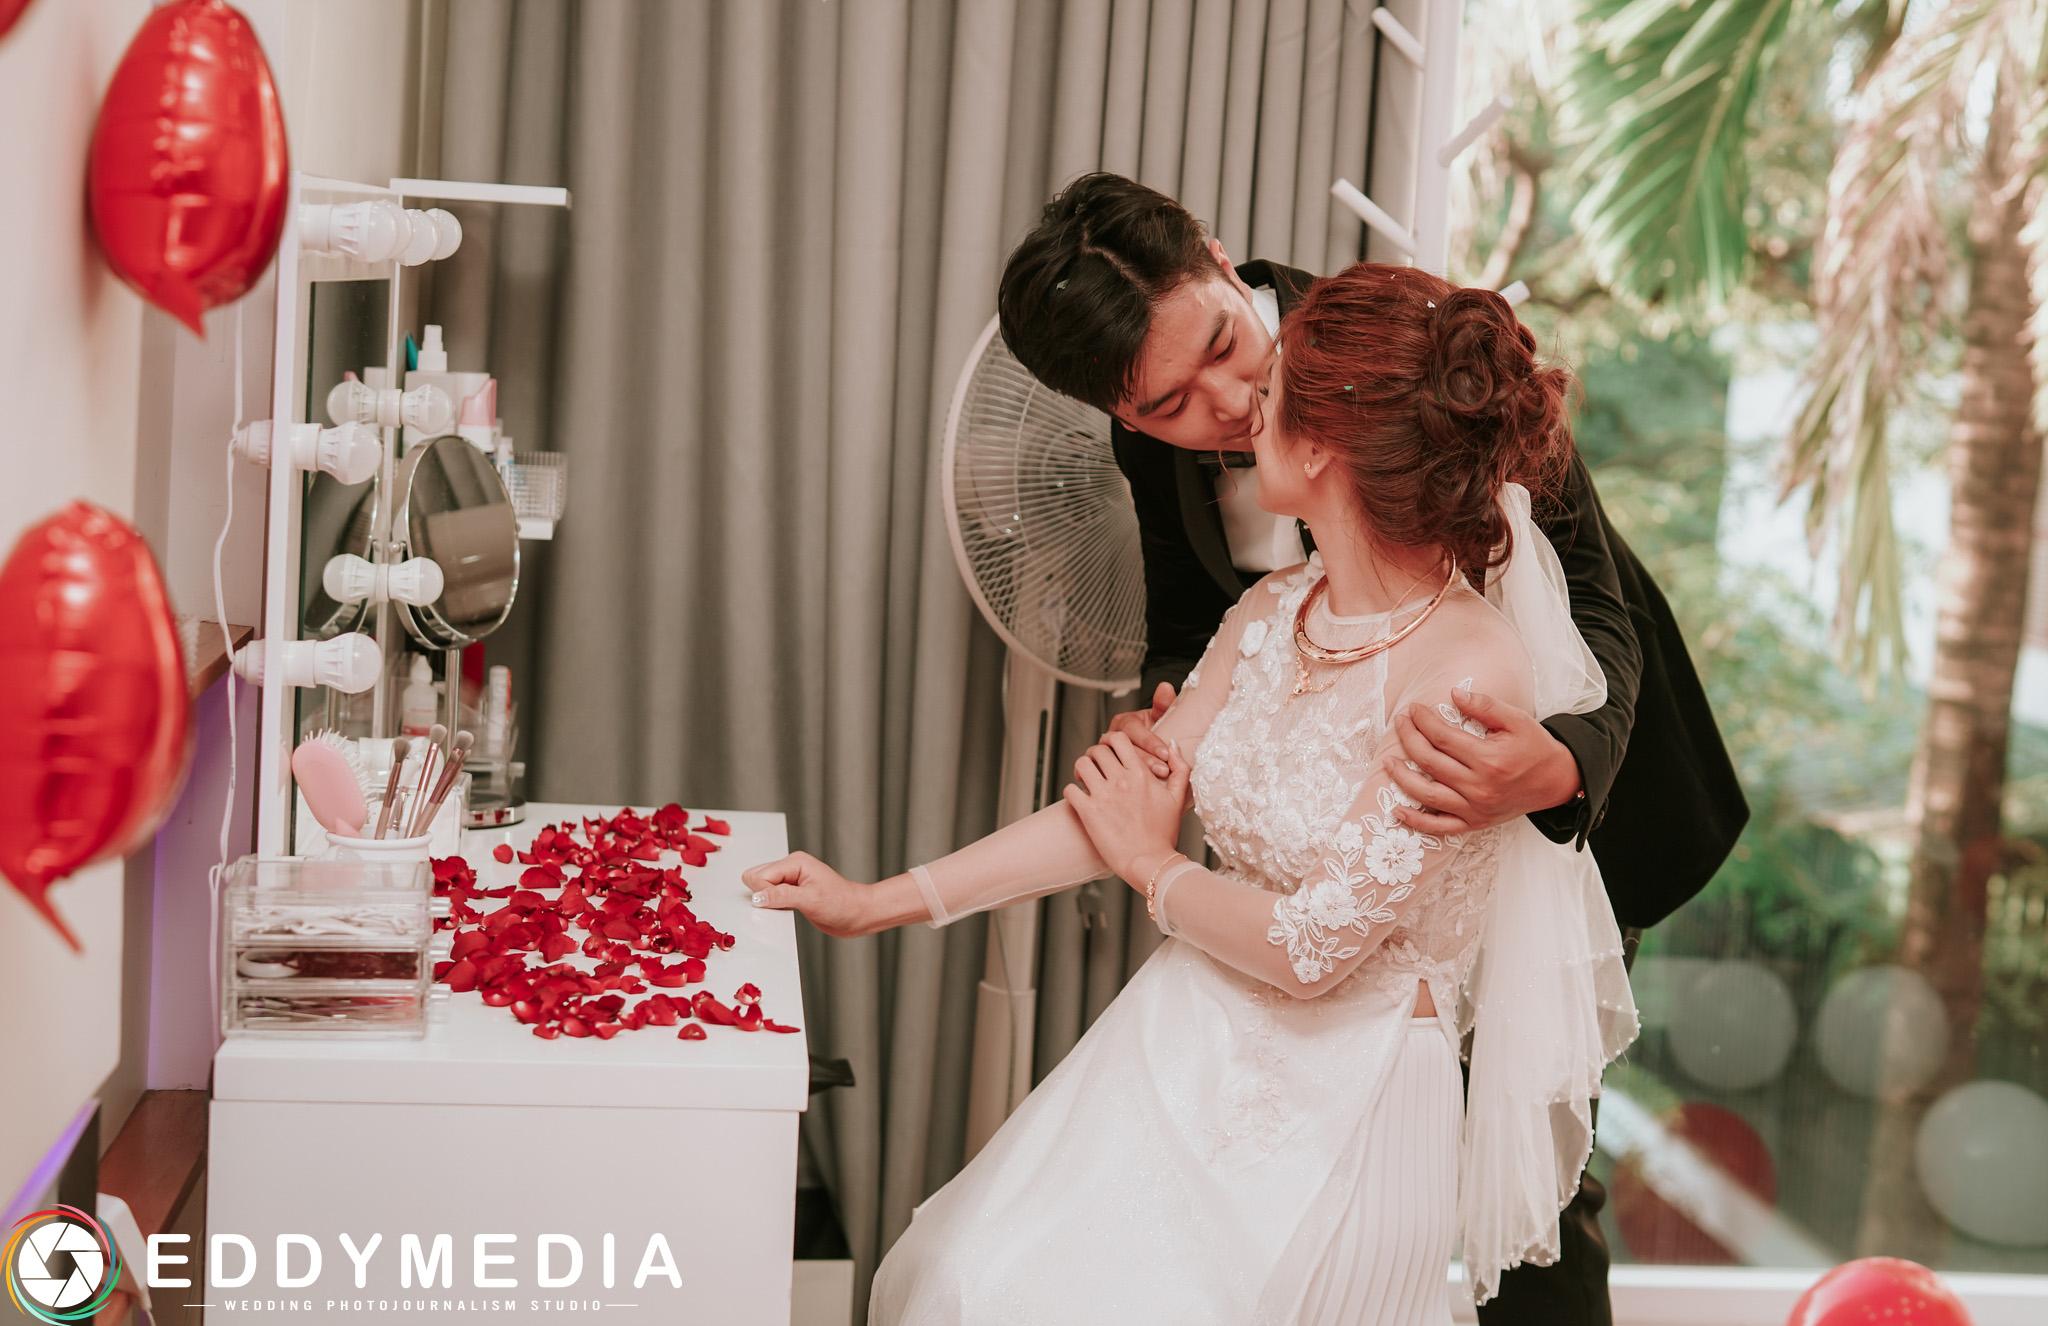 Phongsucuoi HuyGiang TuUyen EddyMedia 29 yêu người kém tuổi,lấy chồng kém tuổi,lấy chồng kém 10 tuổi